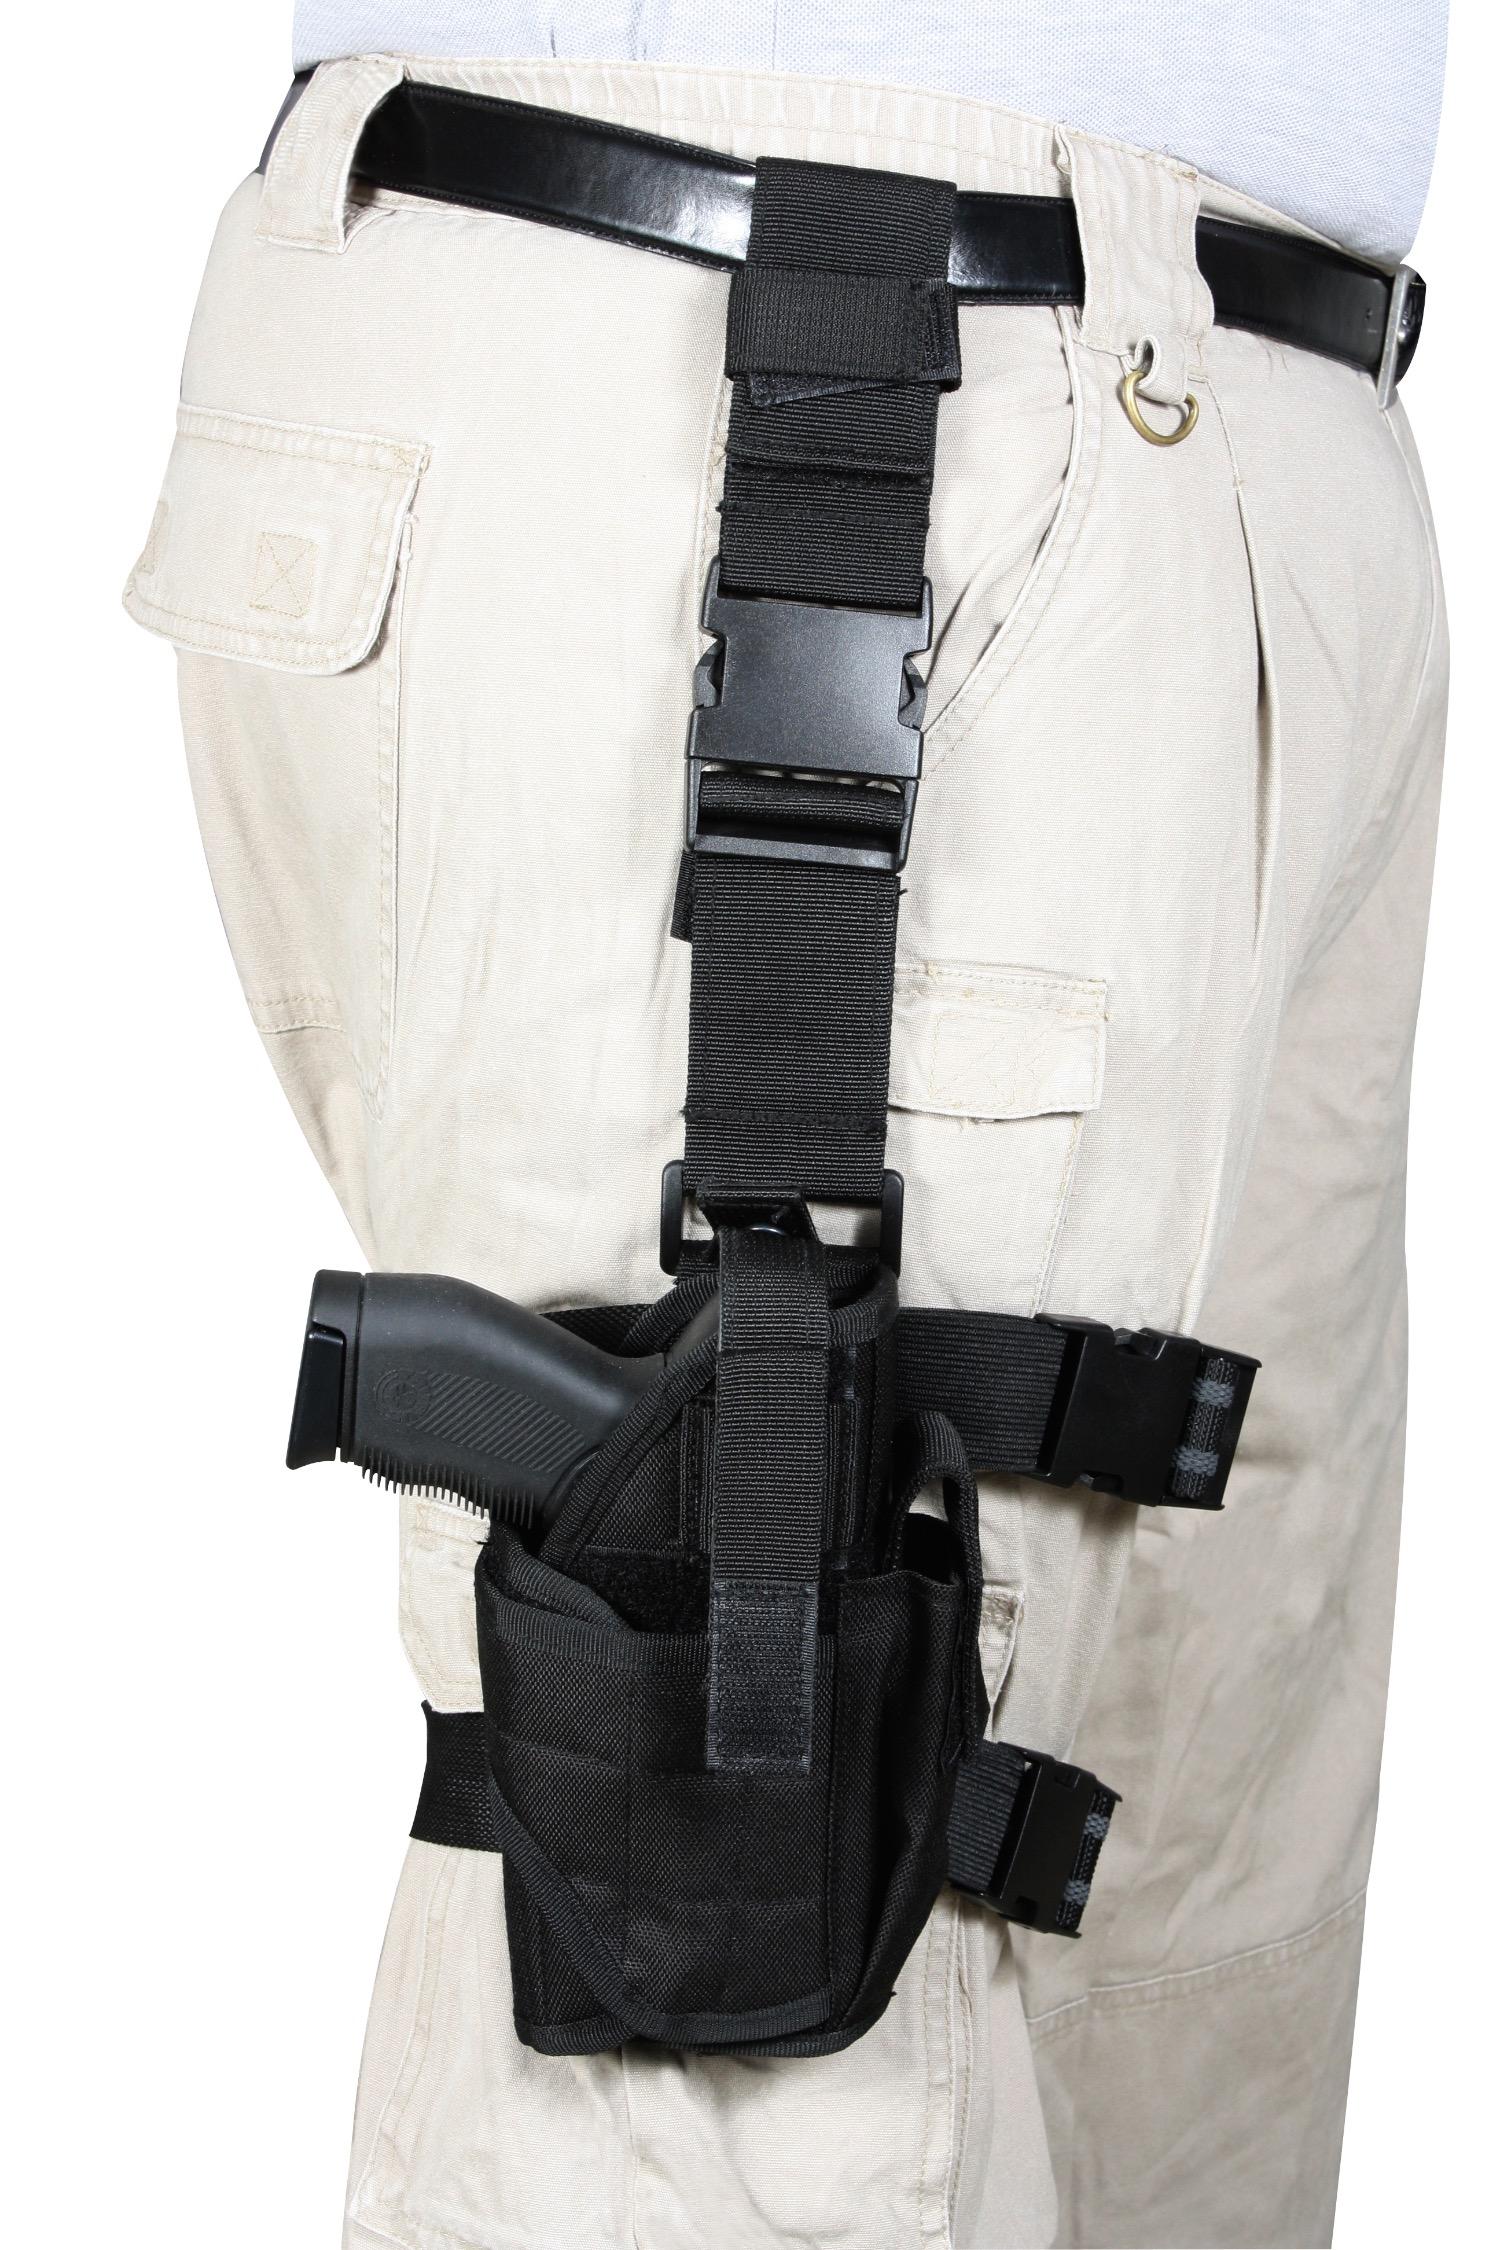 Rothco Drop Leg Tactical Holster - Black 10752 Черная тактическая набедренная кобура с регулировкой под большинство...